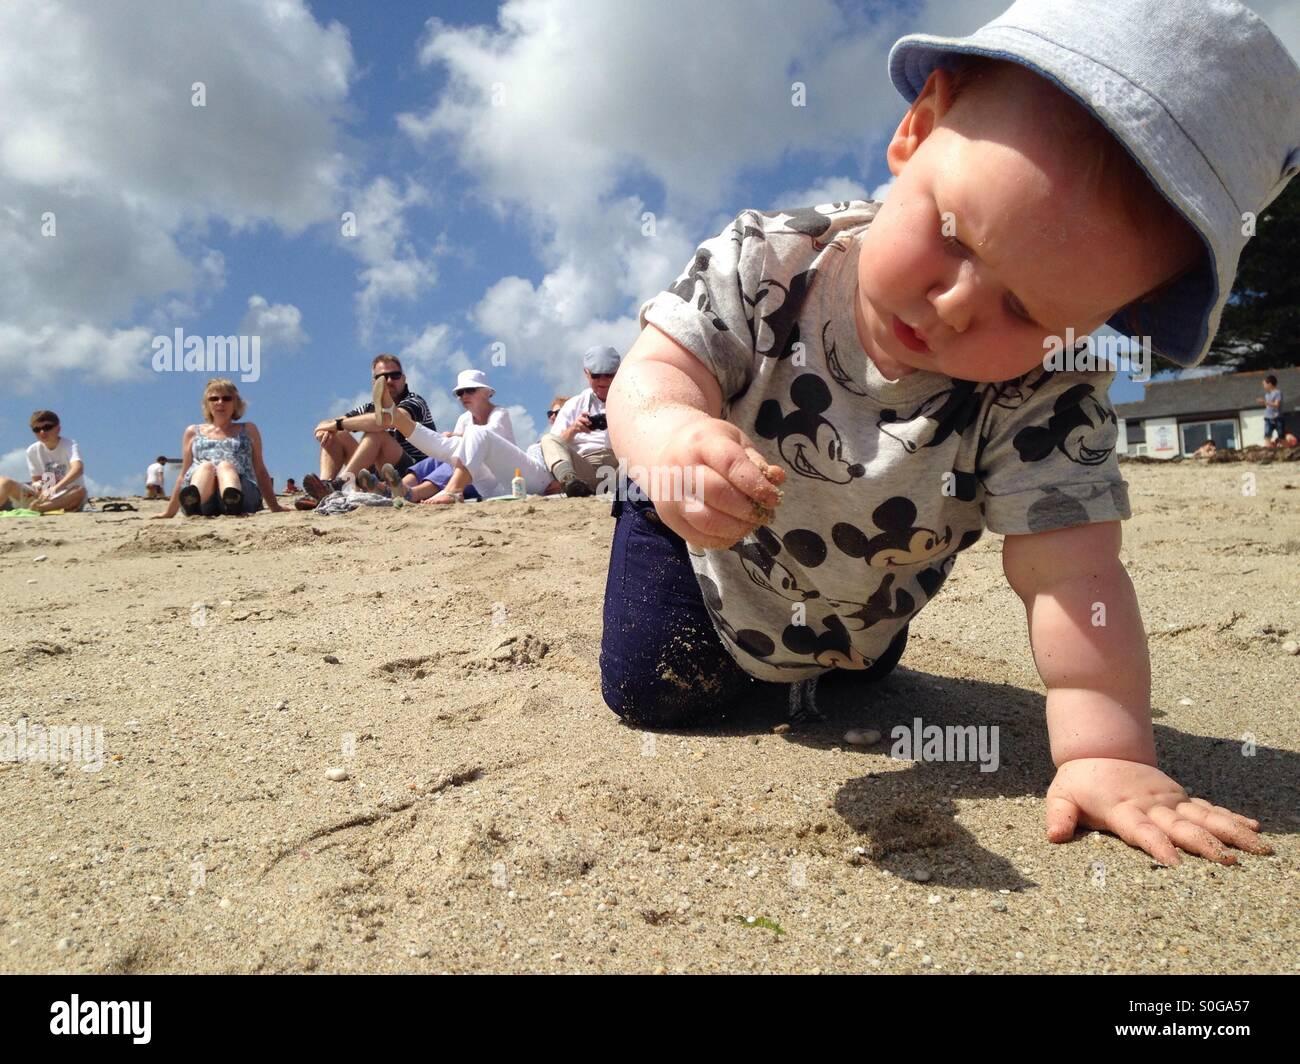 Studium der Sand mit dem Familie anschauen Stockbild